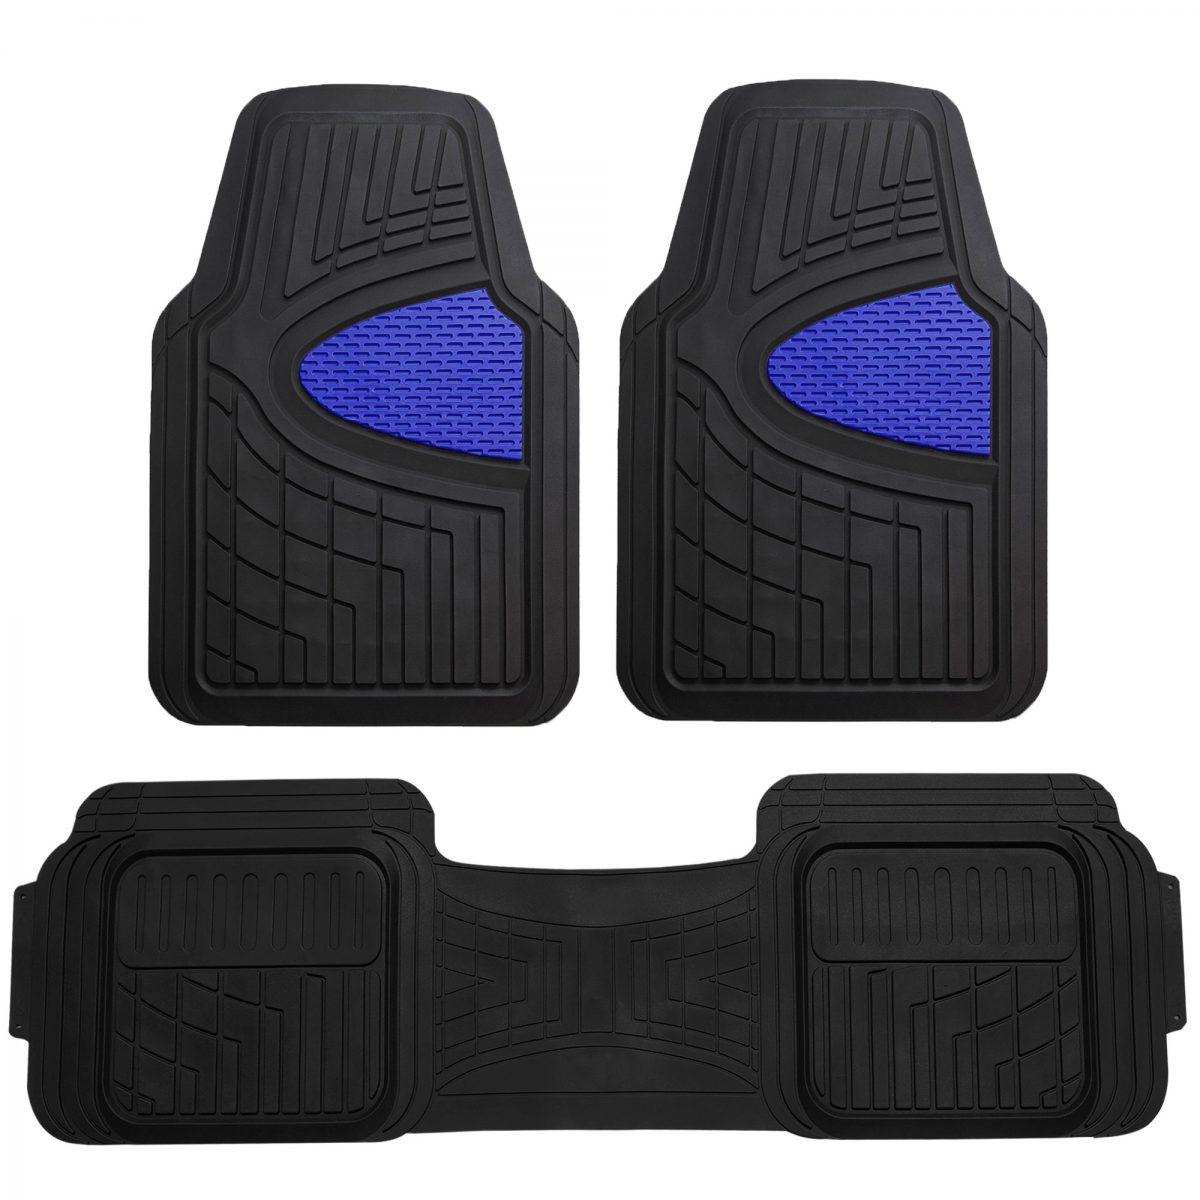 F11511_blue_FULLSET Floor mats